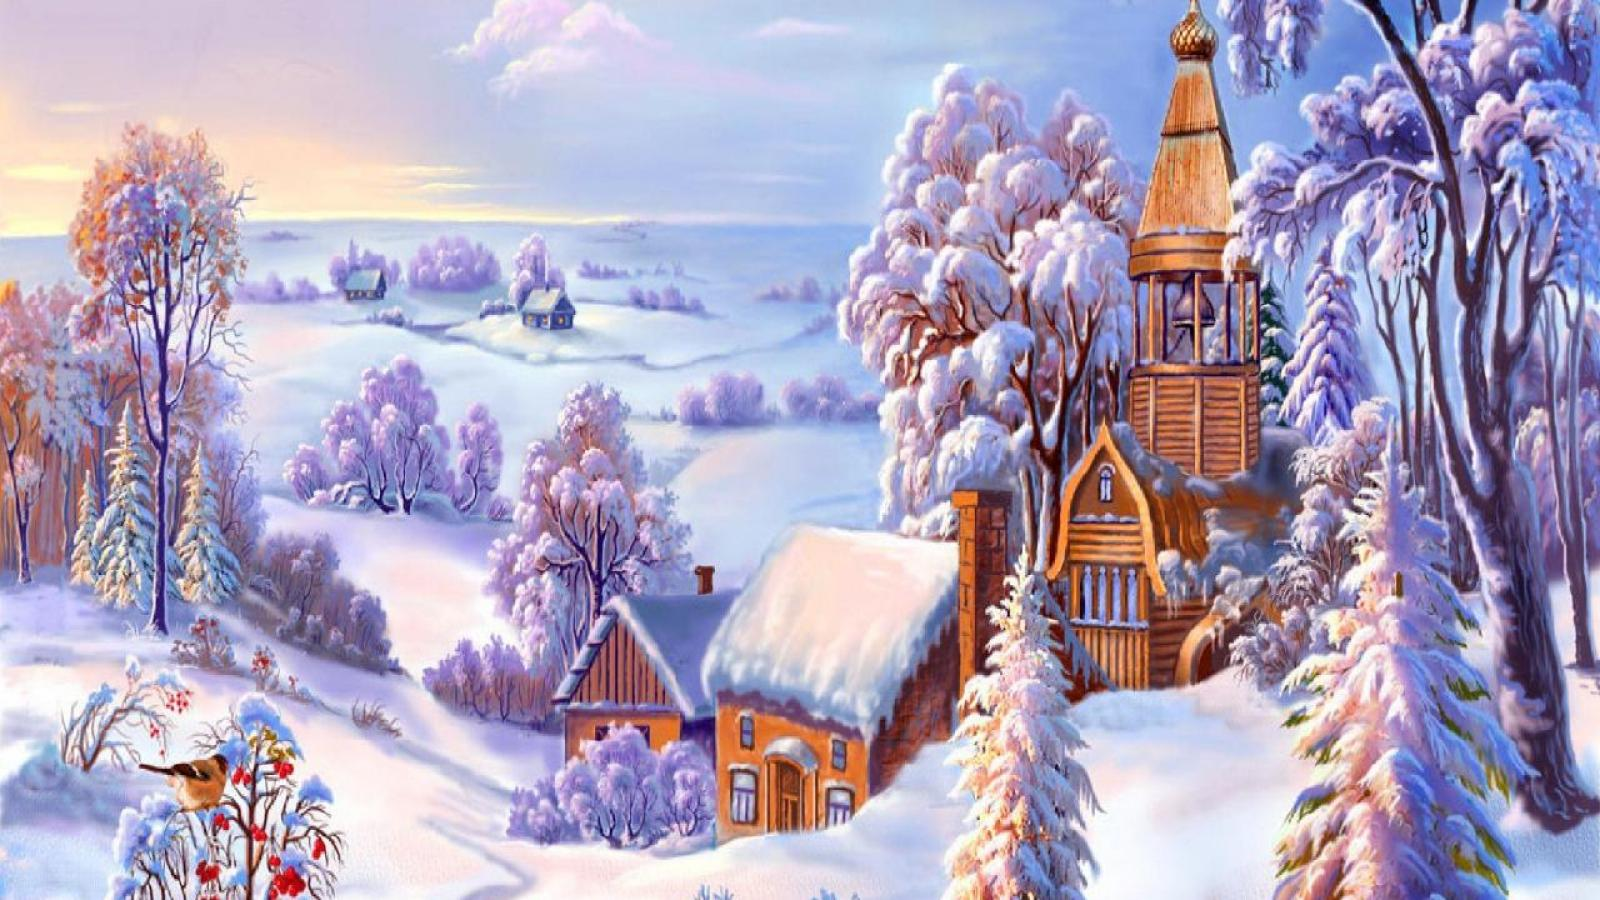 ваш смотреть сказочные картинки зимние девушка прочь